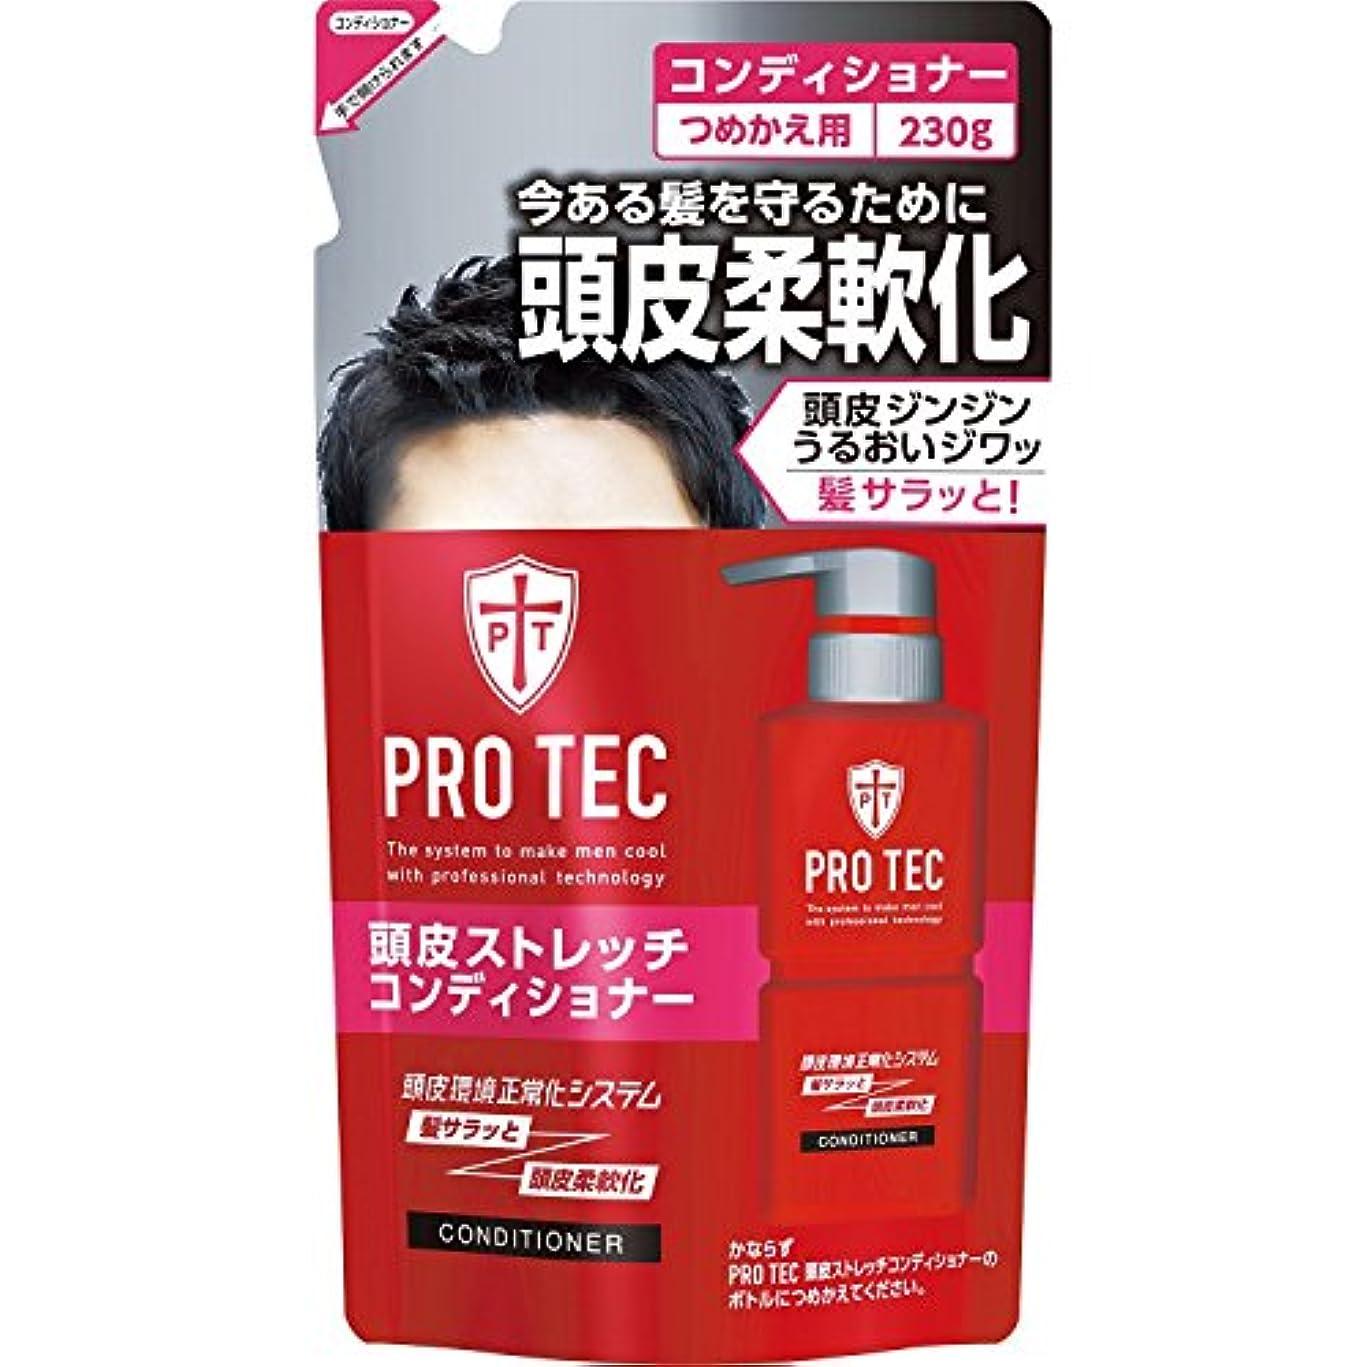 反響する発行する恩恵PRO TEC(プロテク) 頭皮ストレッチコンディショナー つめかえ用 230g ×20個セット